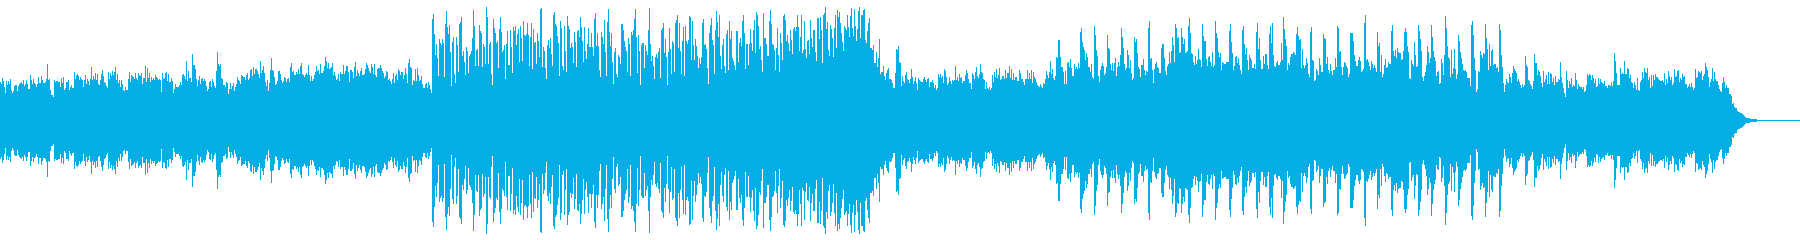 残響感のあるシンセベースとギターフレーズの再生済みの波形